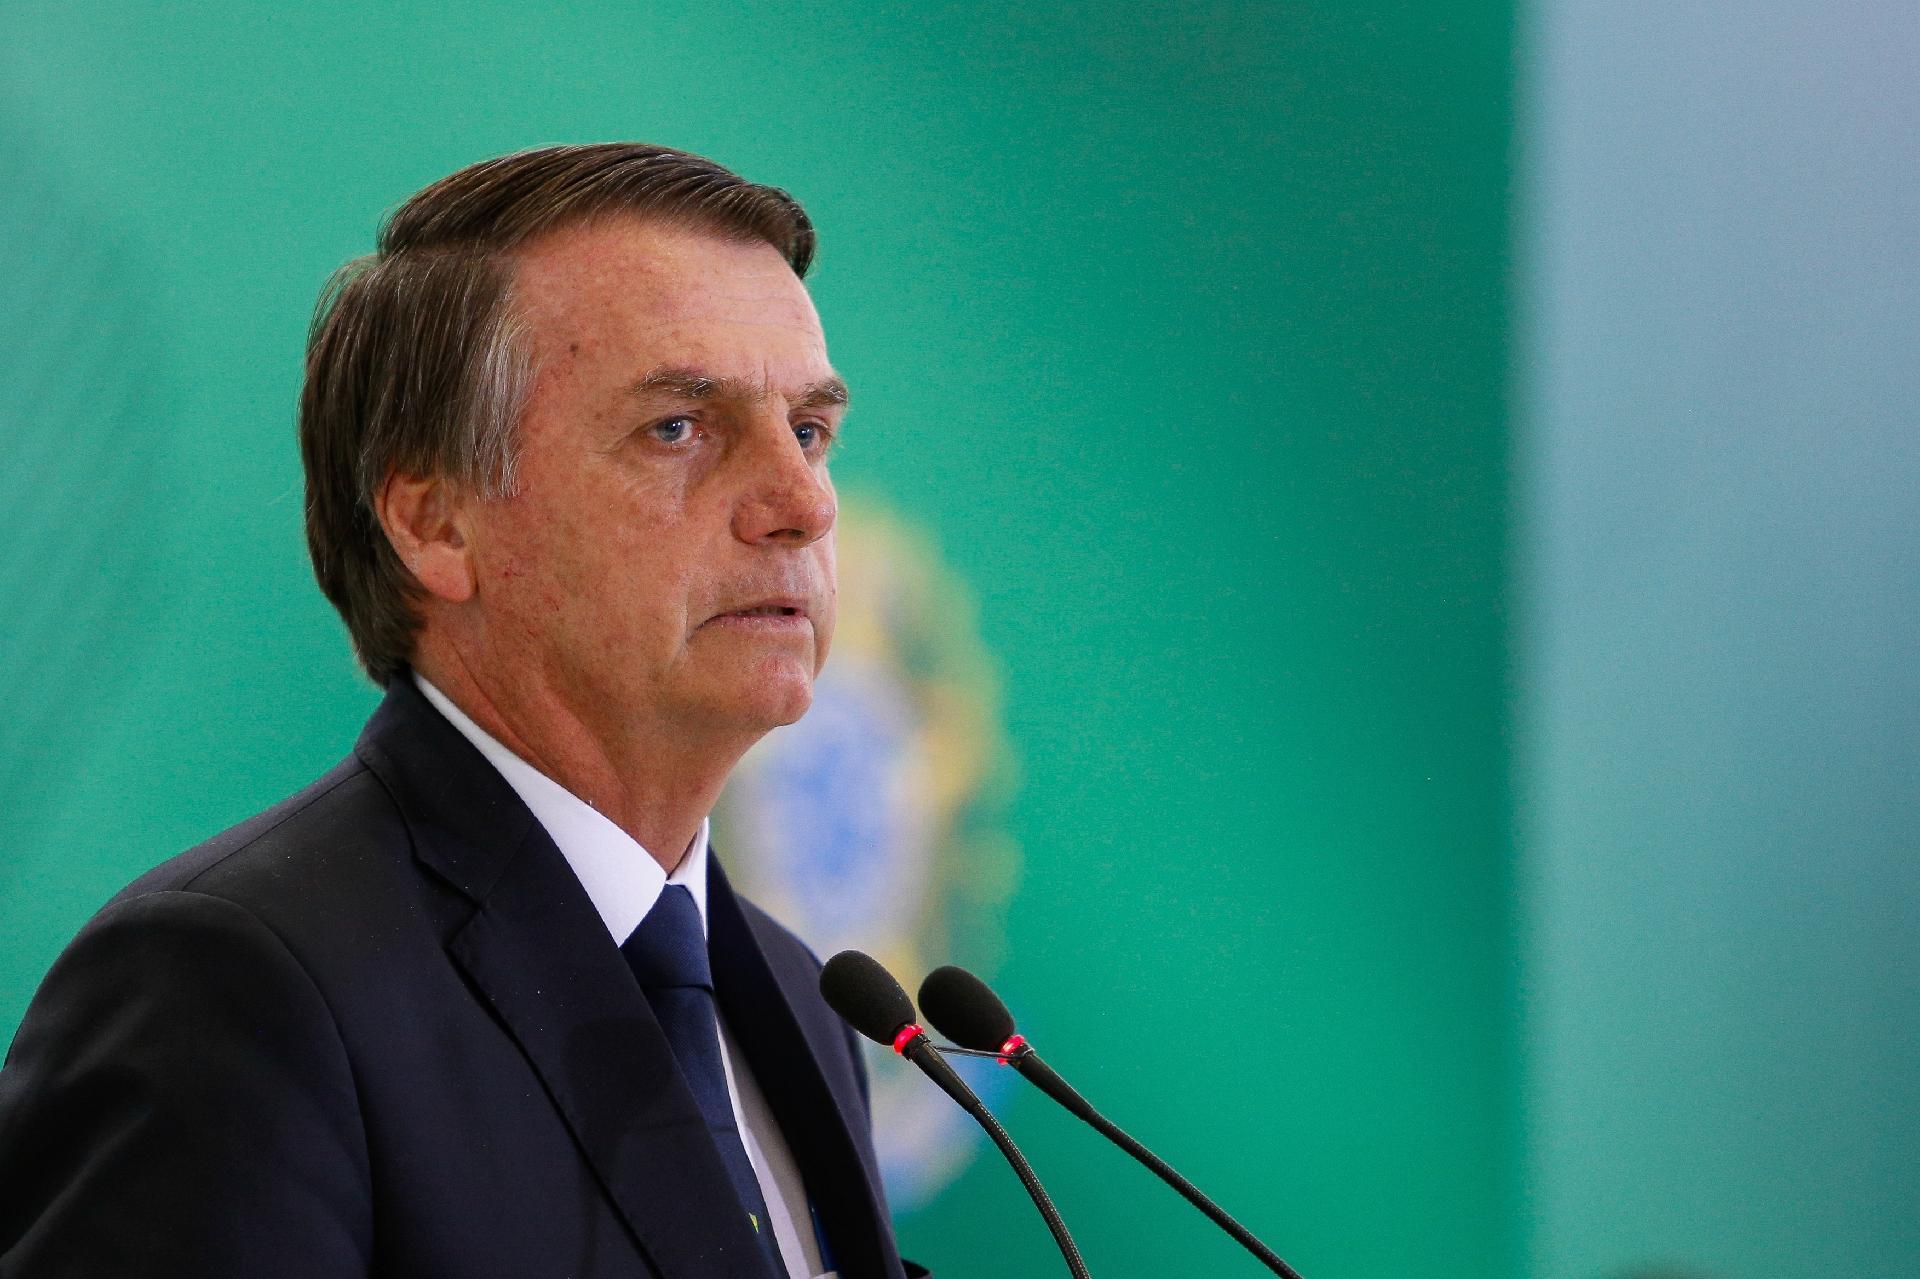 Bolsonaro ganhará principal palco de Davos ao abrir sessão do fórum -  16 01 2019 - UOL Economia 001cc4f972ba8